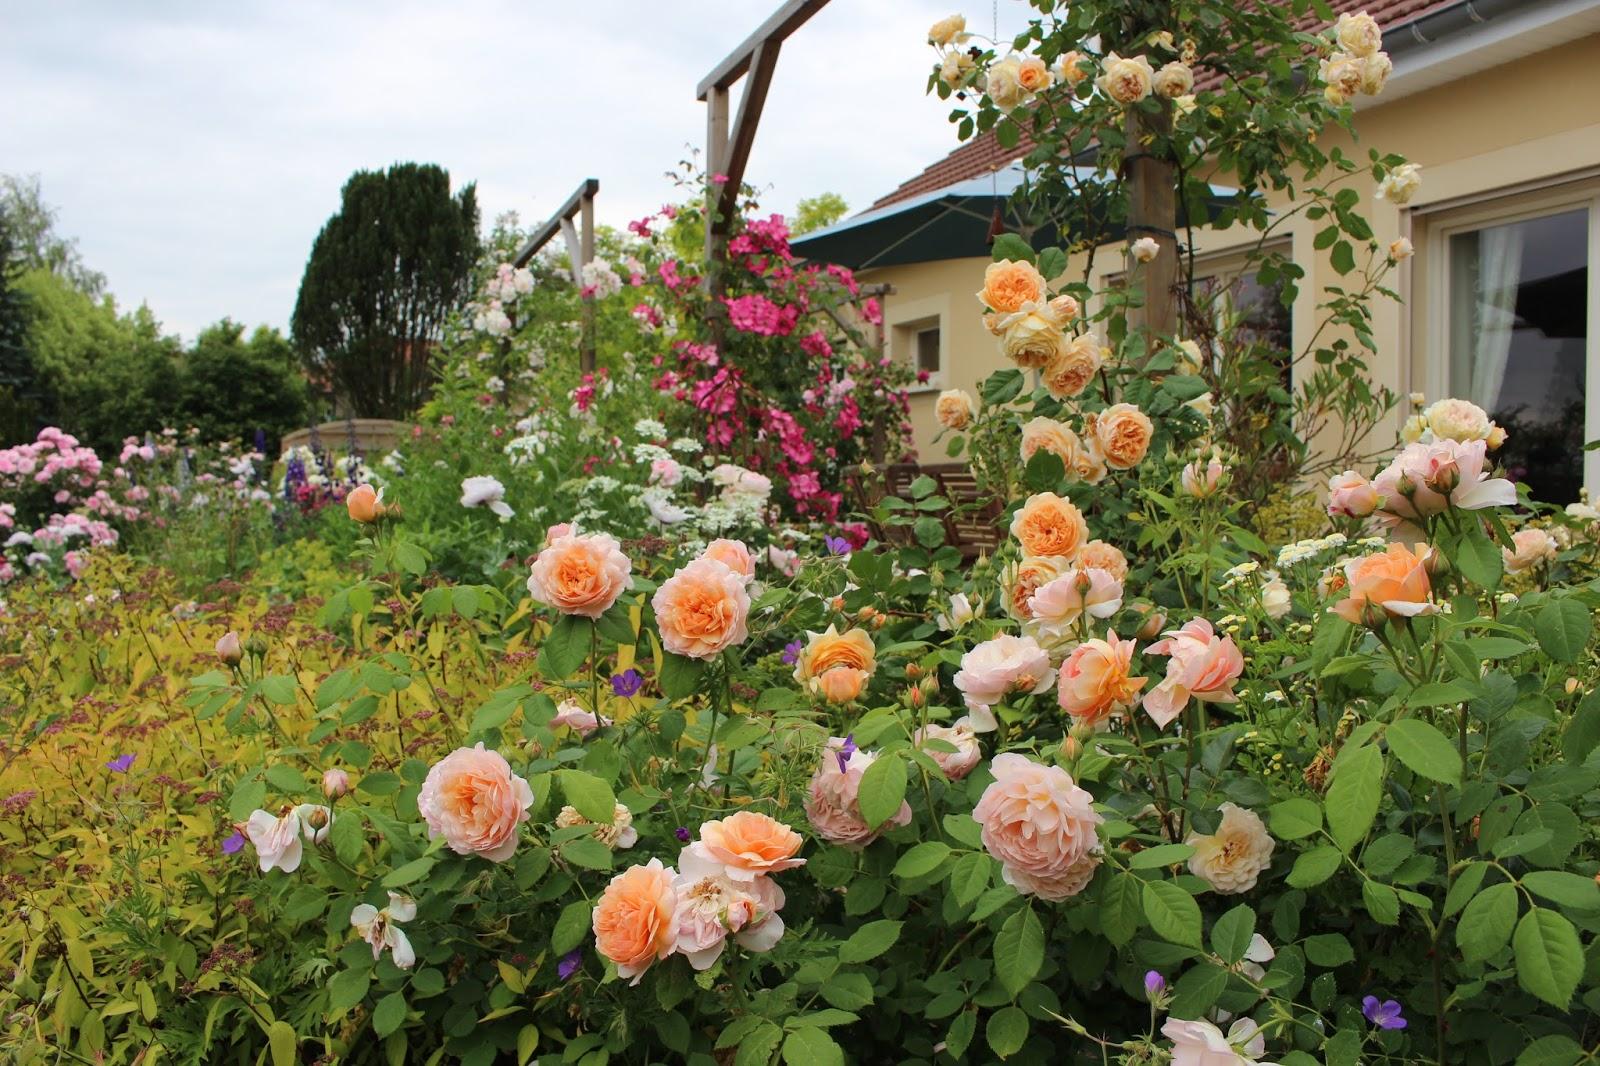 les roses du jardin secret grace david austin. Black Bedroom Furniture Sets. Home Design Ideas